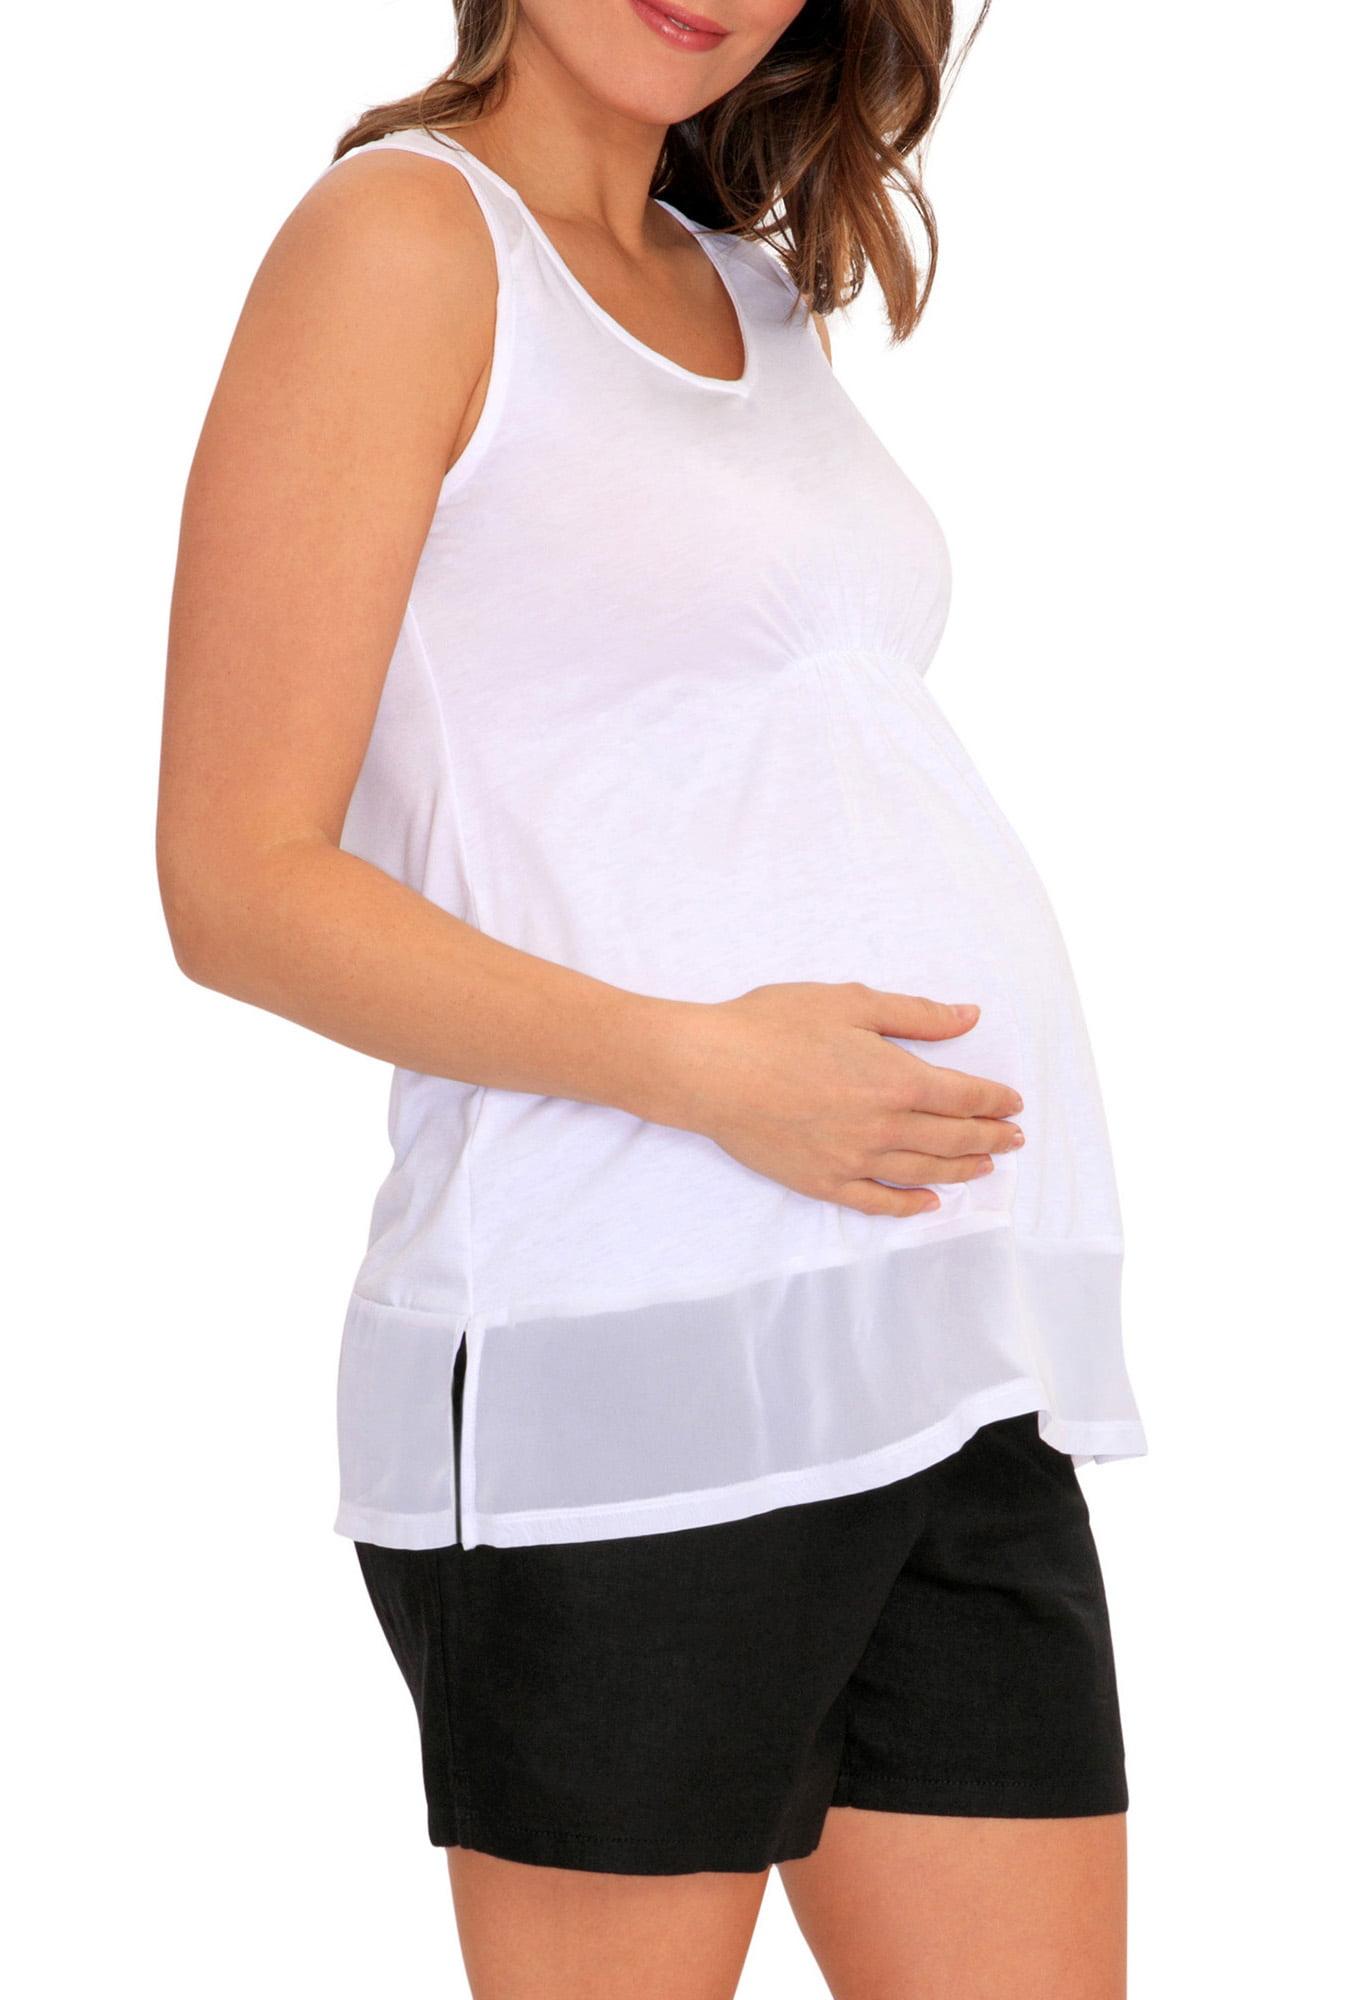 Maternity Chiffon Panel Tank Top Blouse